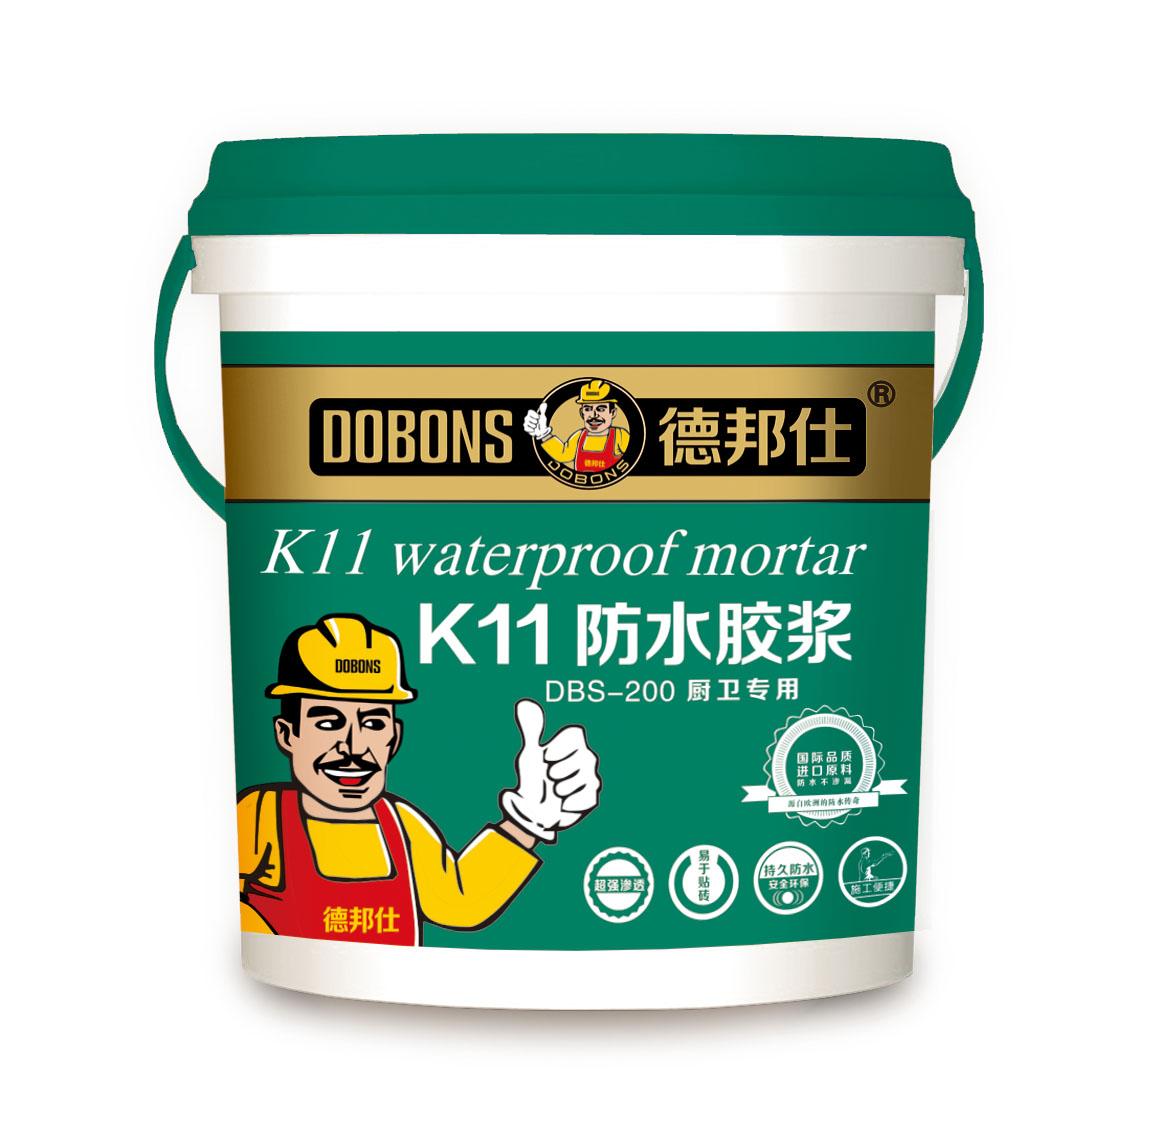 德邦仕厨卫专用K11防水胶浆